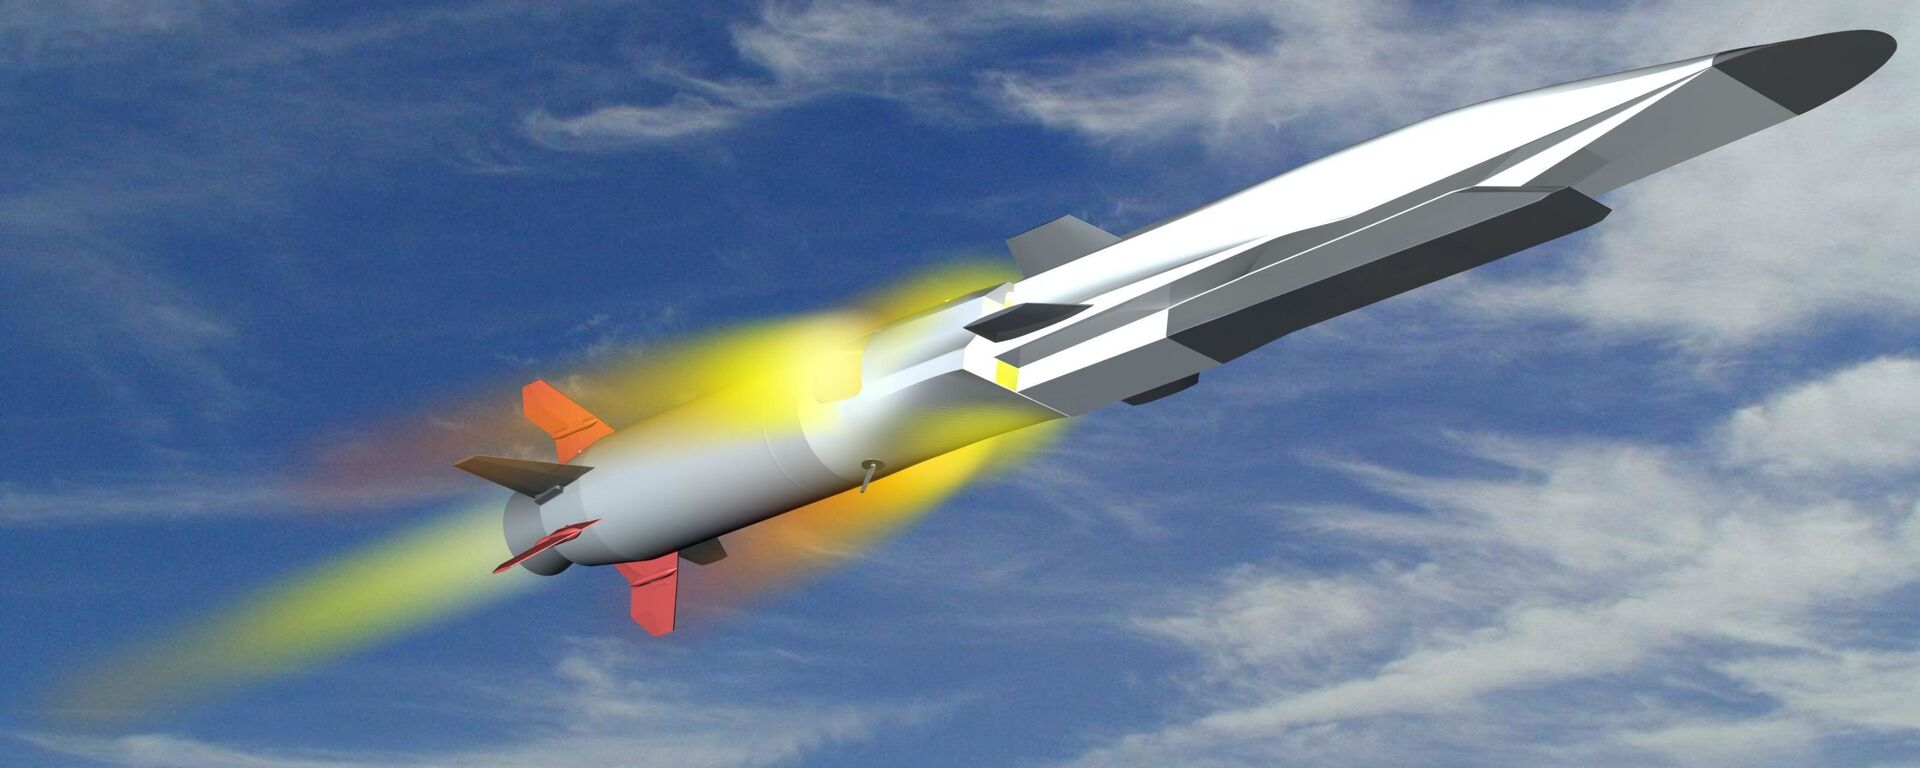 """Il missile ipersonico """"Zircon"""", capace di raggiungere una velocità 5 – 6 volte superiore a quella del suono - Sputnik Italia, 1920, 11.12.2020"""